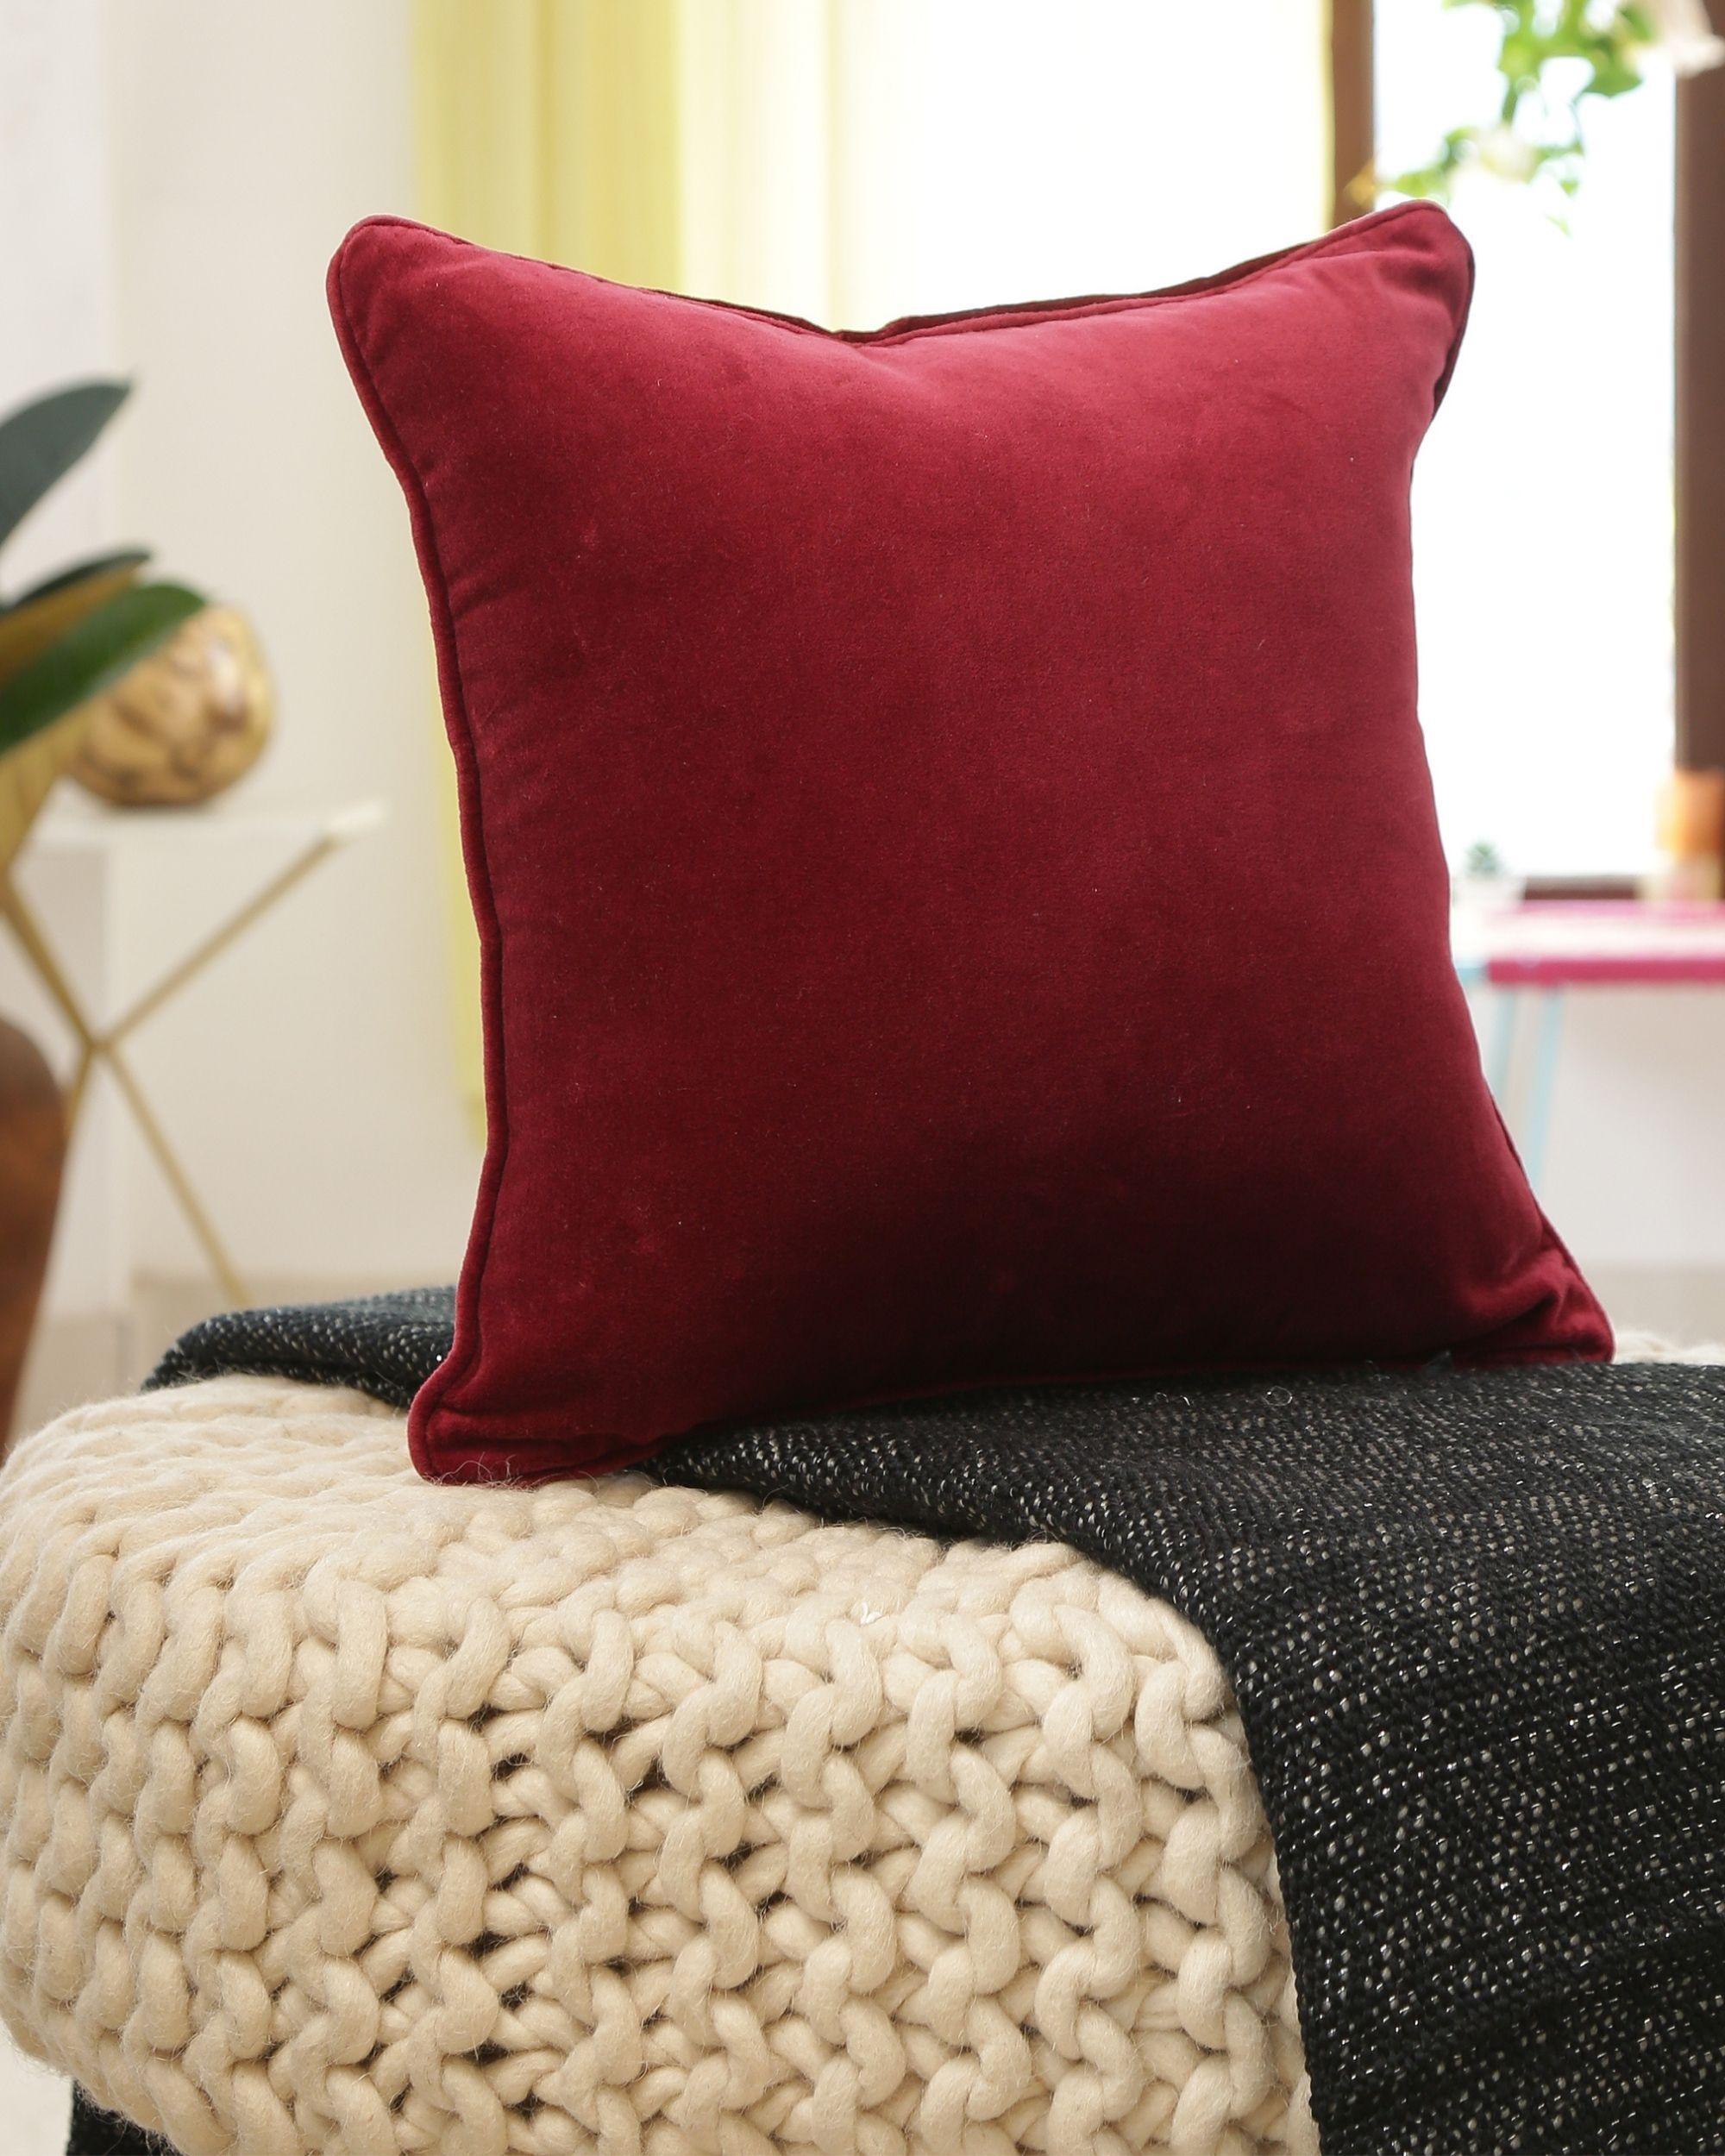 Burgundy cotton velvet cushion cover